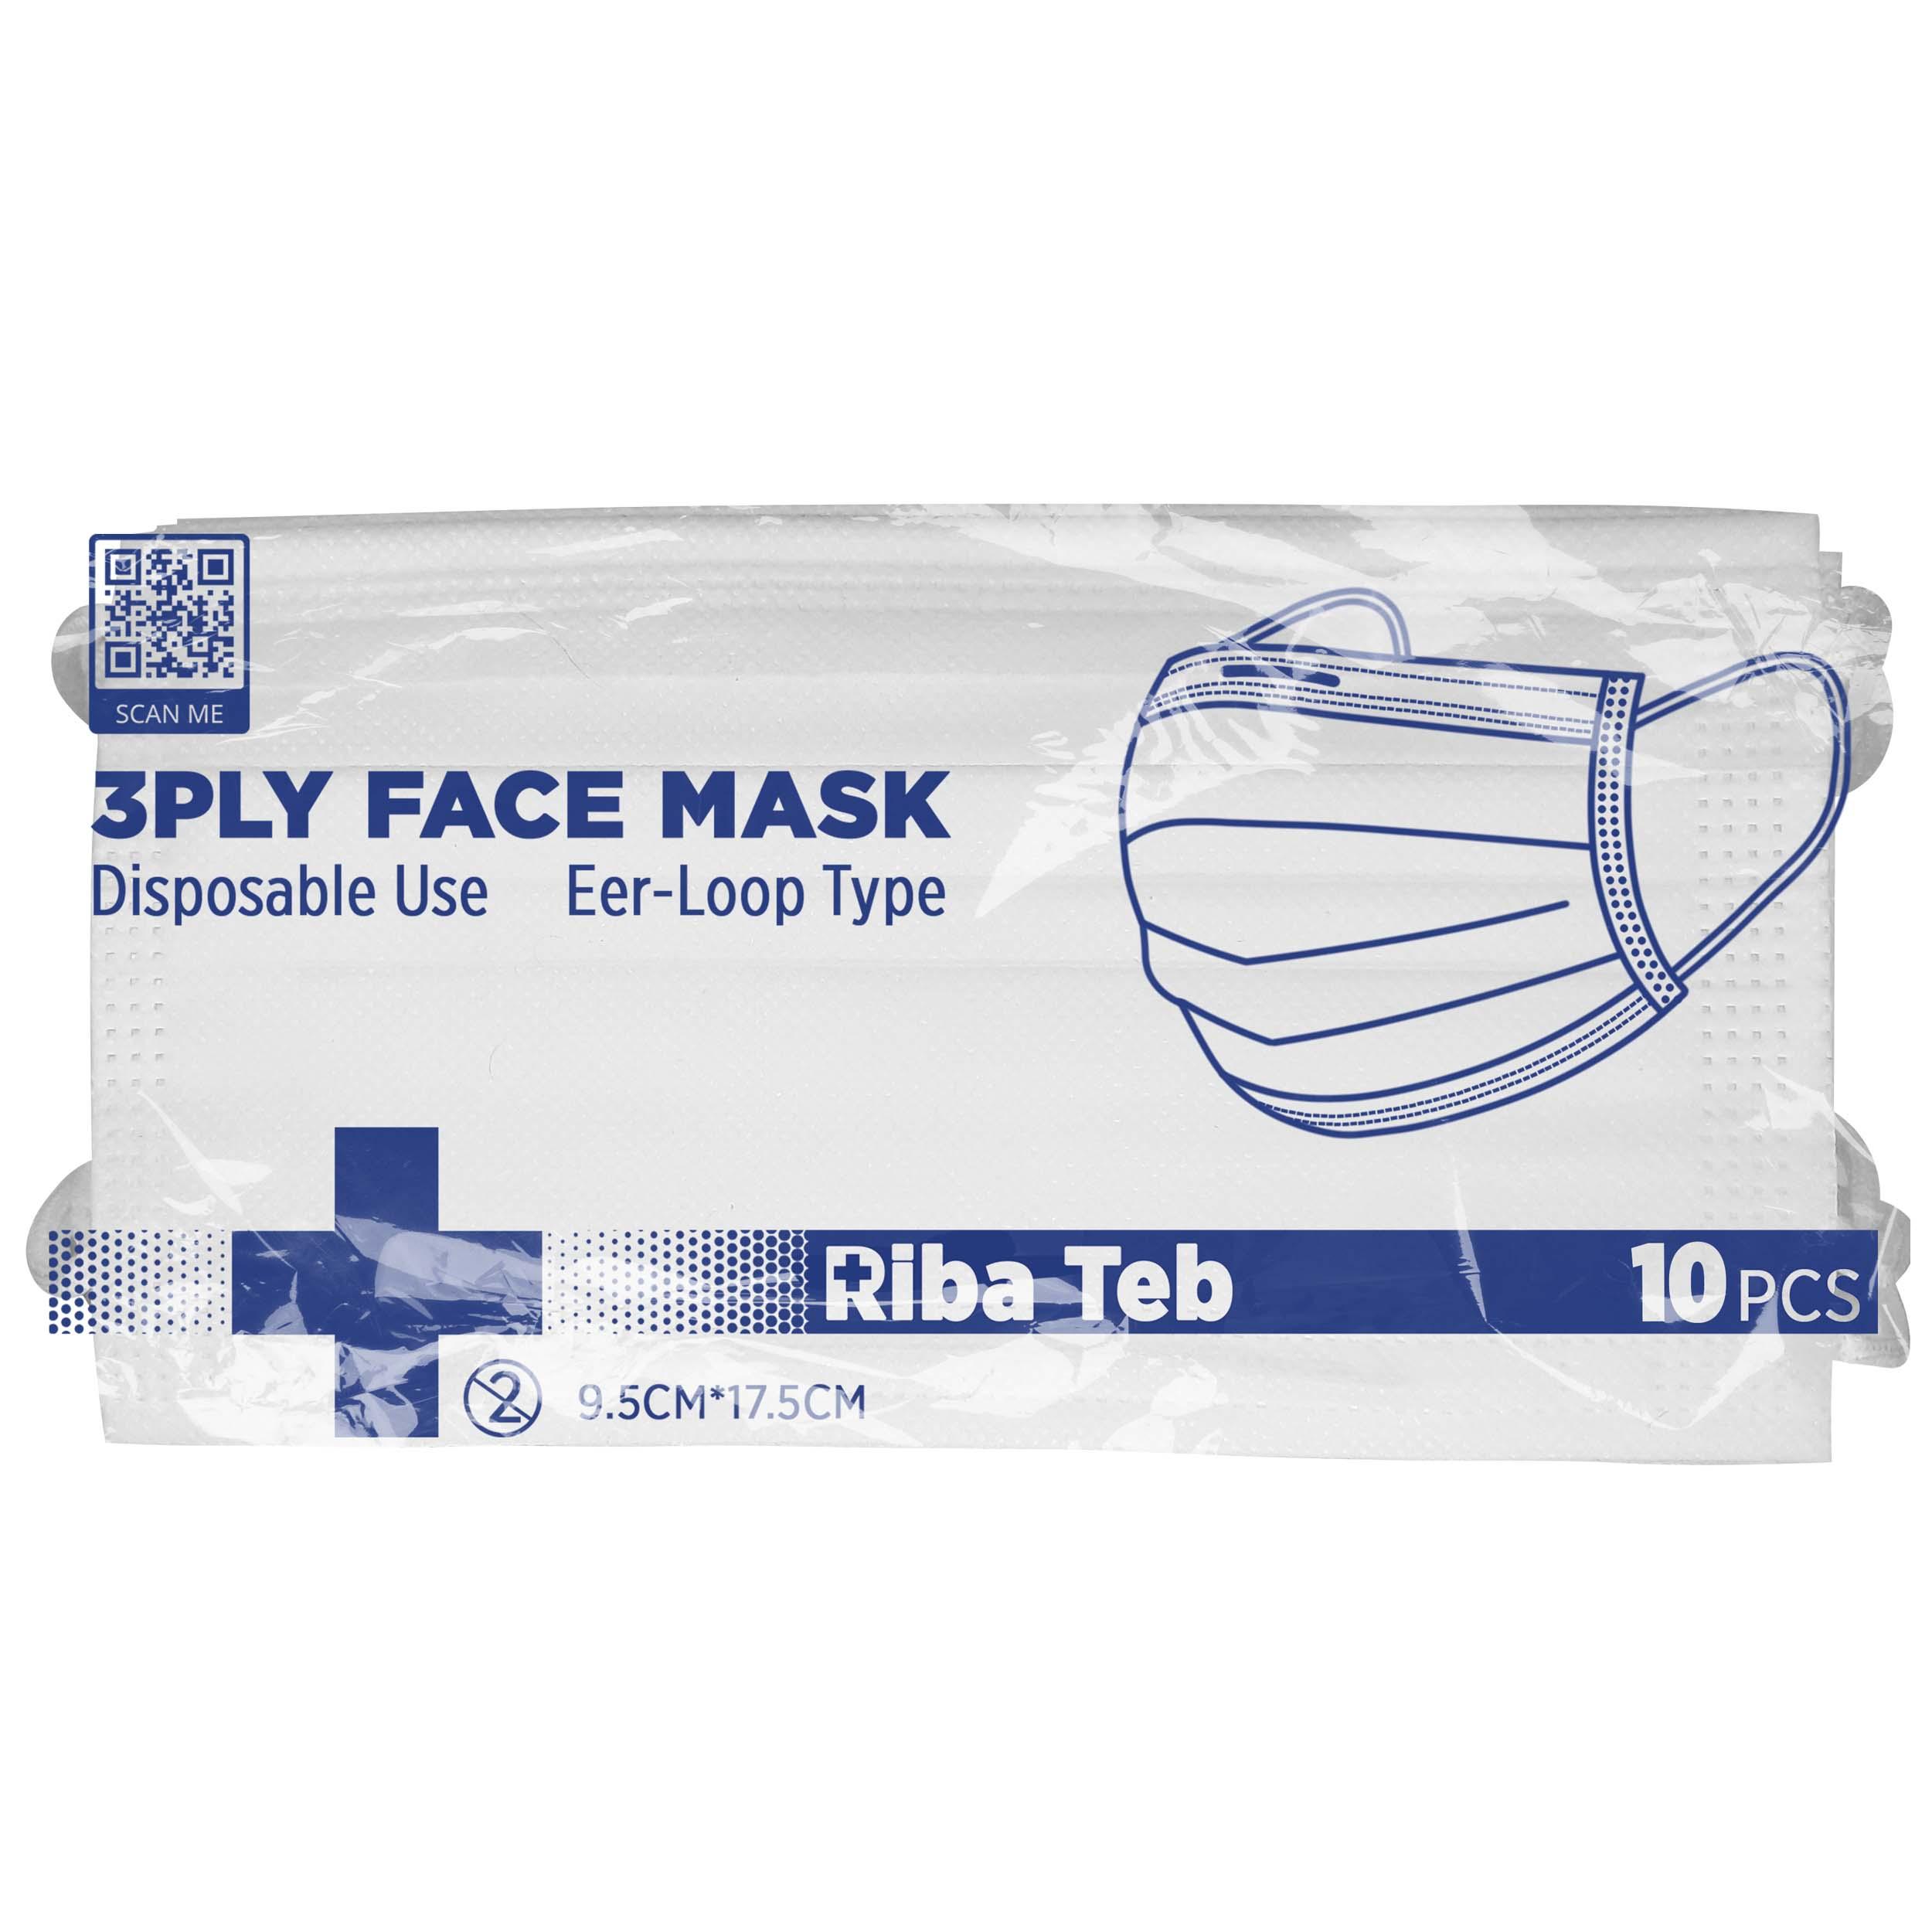 ماسک تنفسی ریباطب مدل پریمیوم بسته 10 عددی